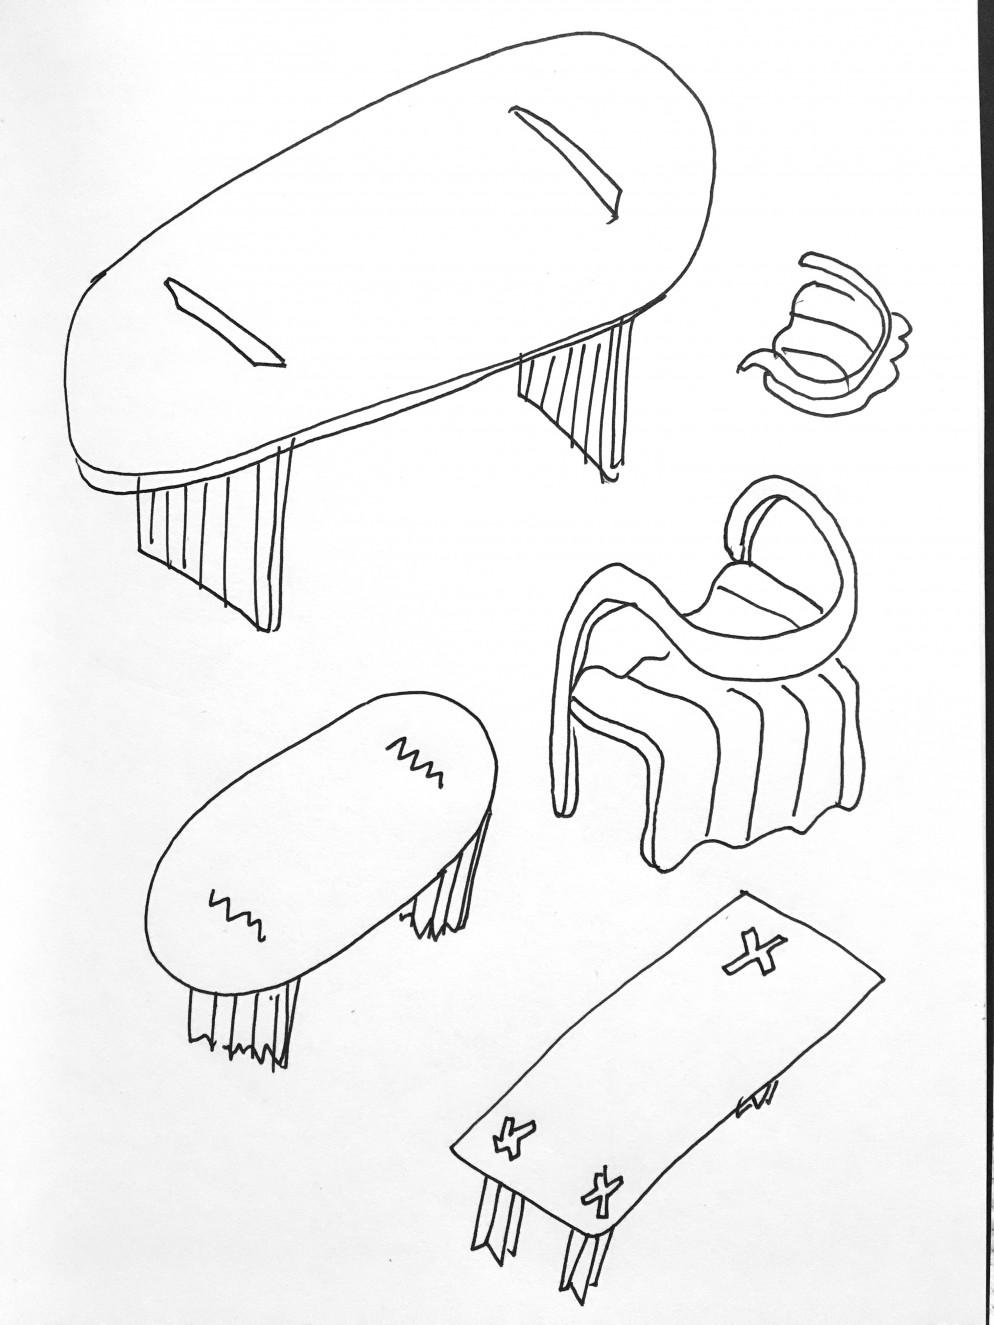 LDF2020-Sketch by Studio Swine-13